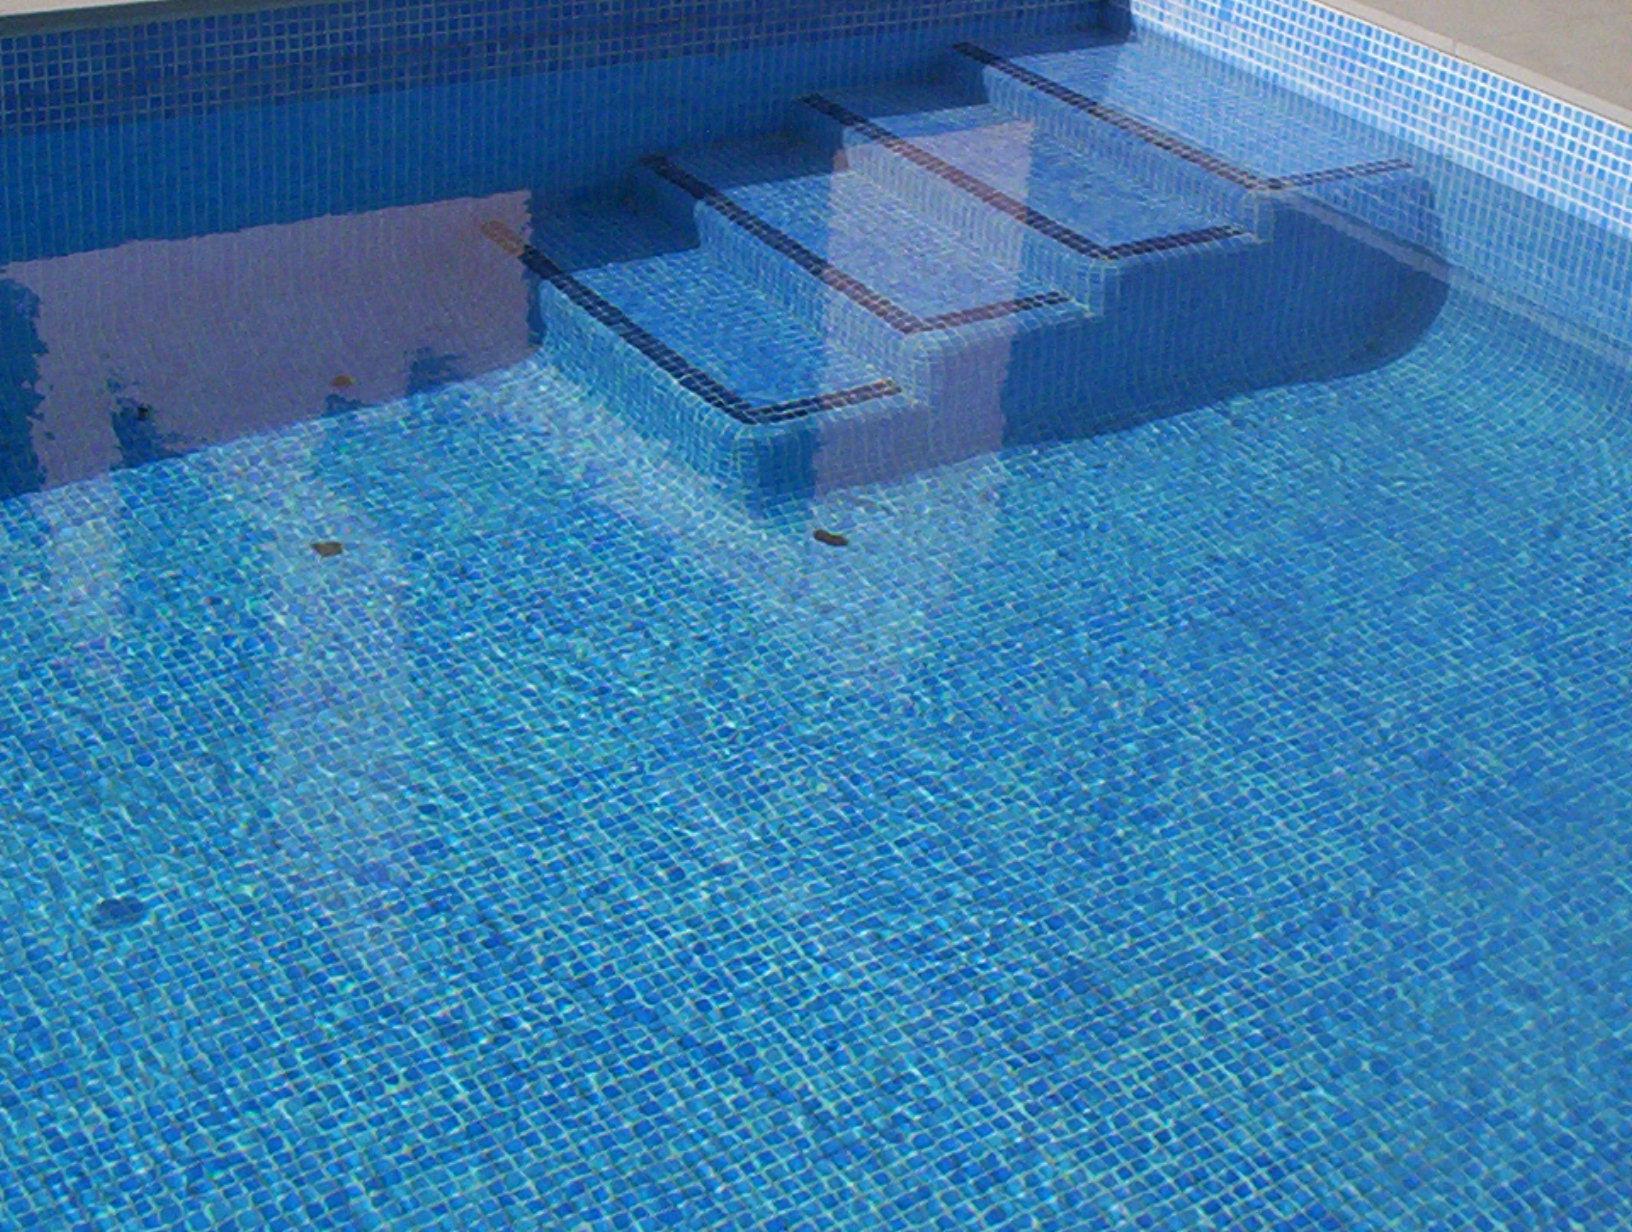 Escaleras obra y cobertores thp aragon for Escaleras de piscina